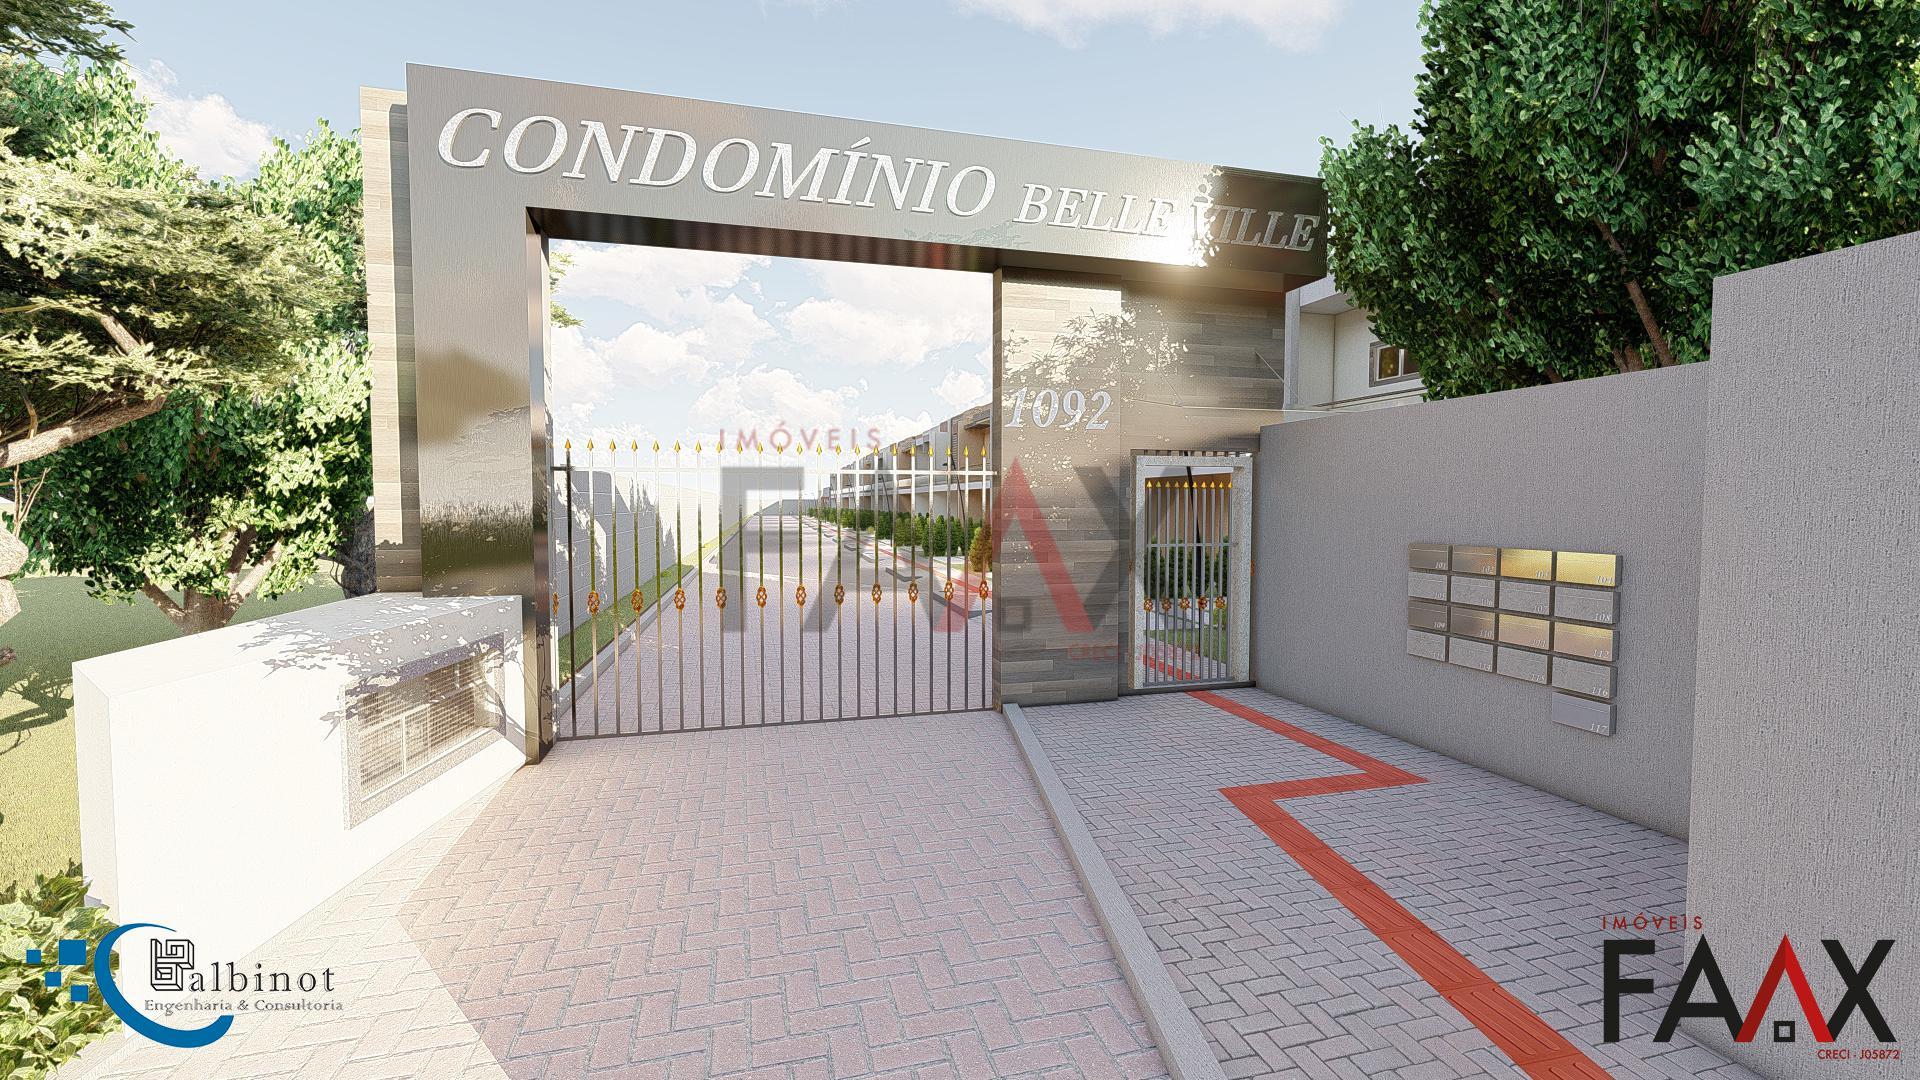 Sobrado com 3 dormitórios à venda,136.67m², MORRO ALTO, GUARAPUAVA - PR